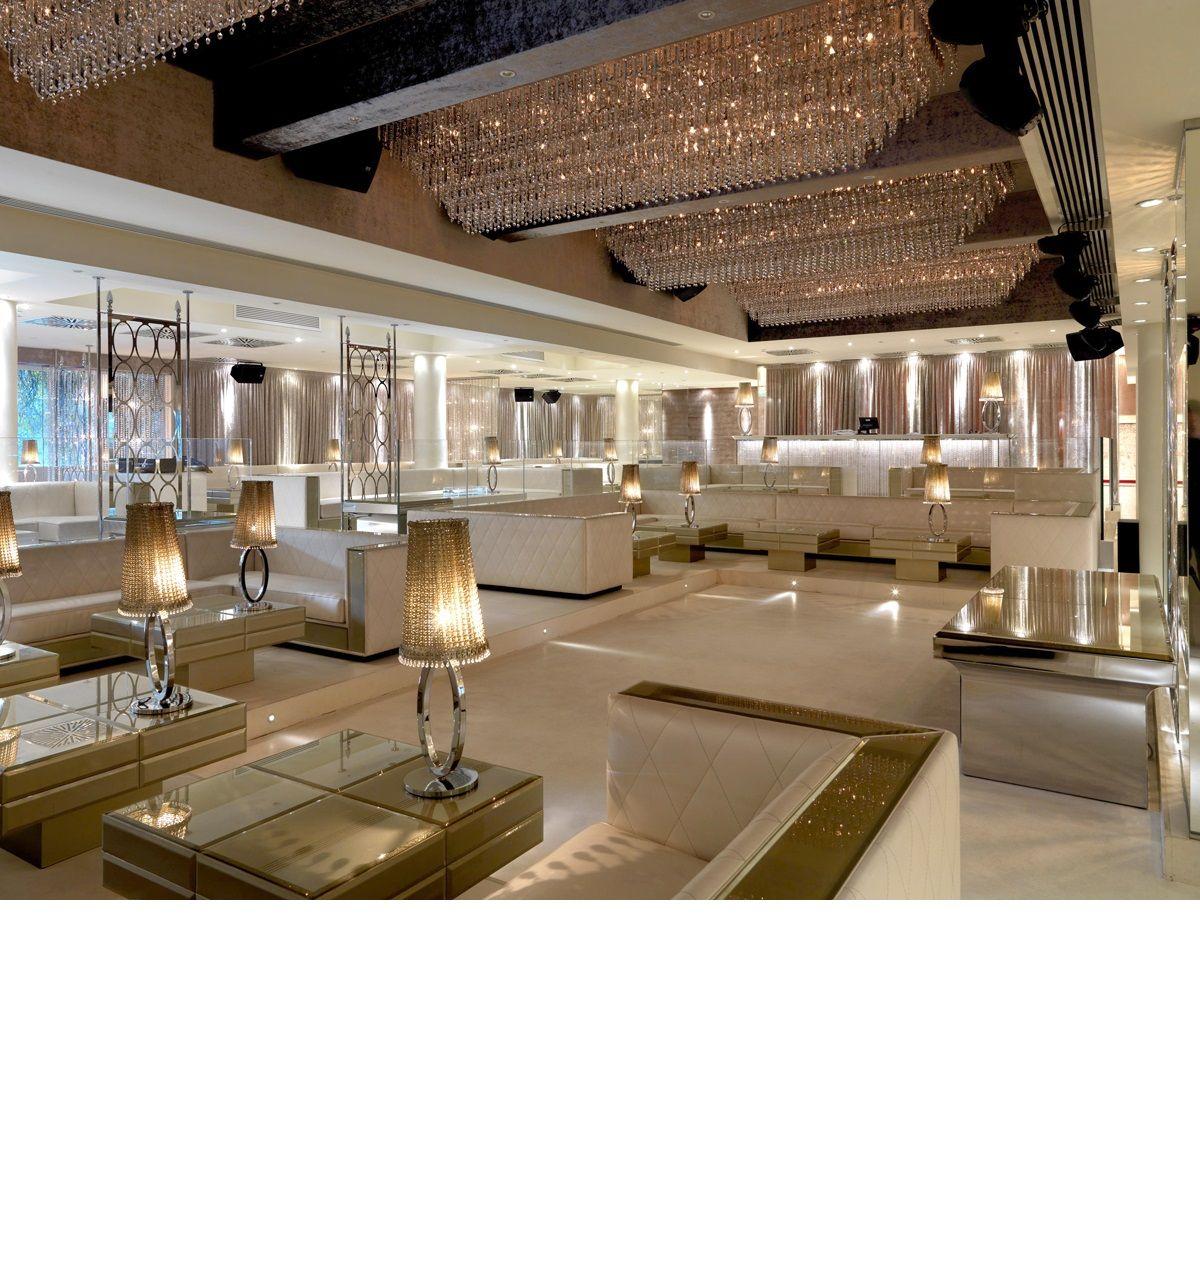 126 Custom Luxury Dining Room Interior Designs: Luxury Interior Design, Ultra High End Signature